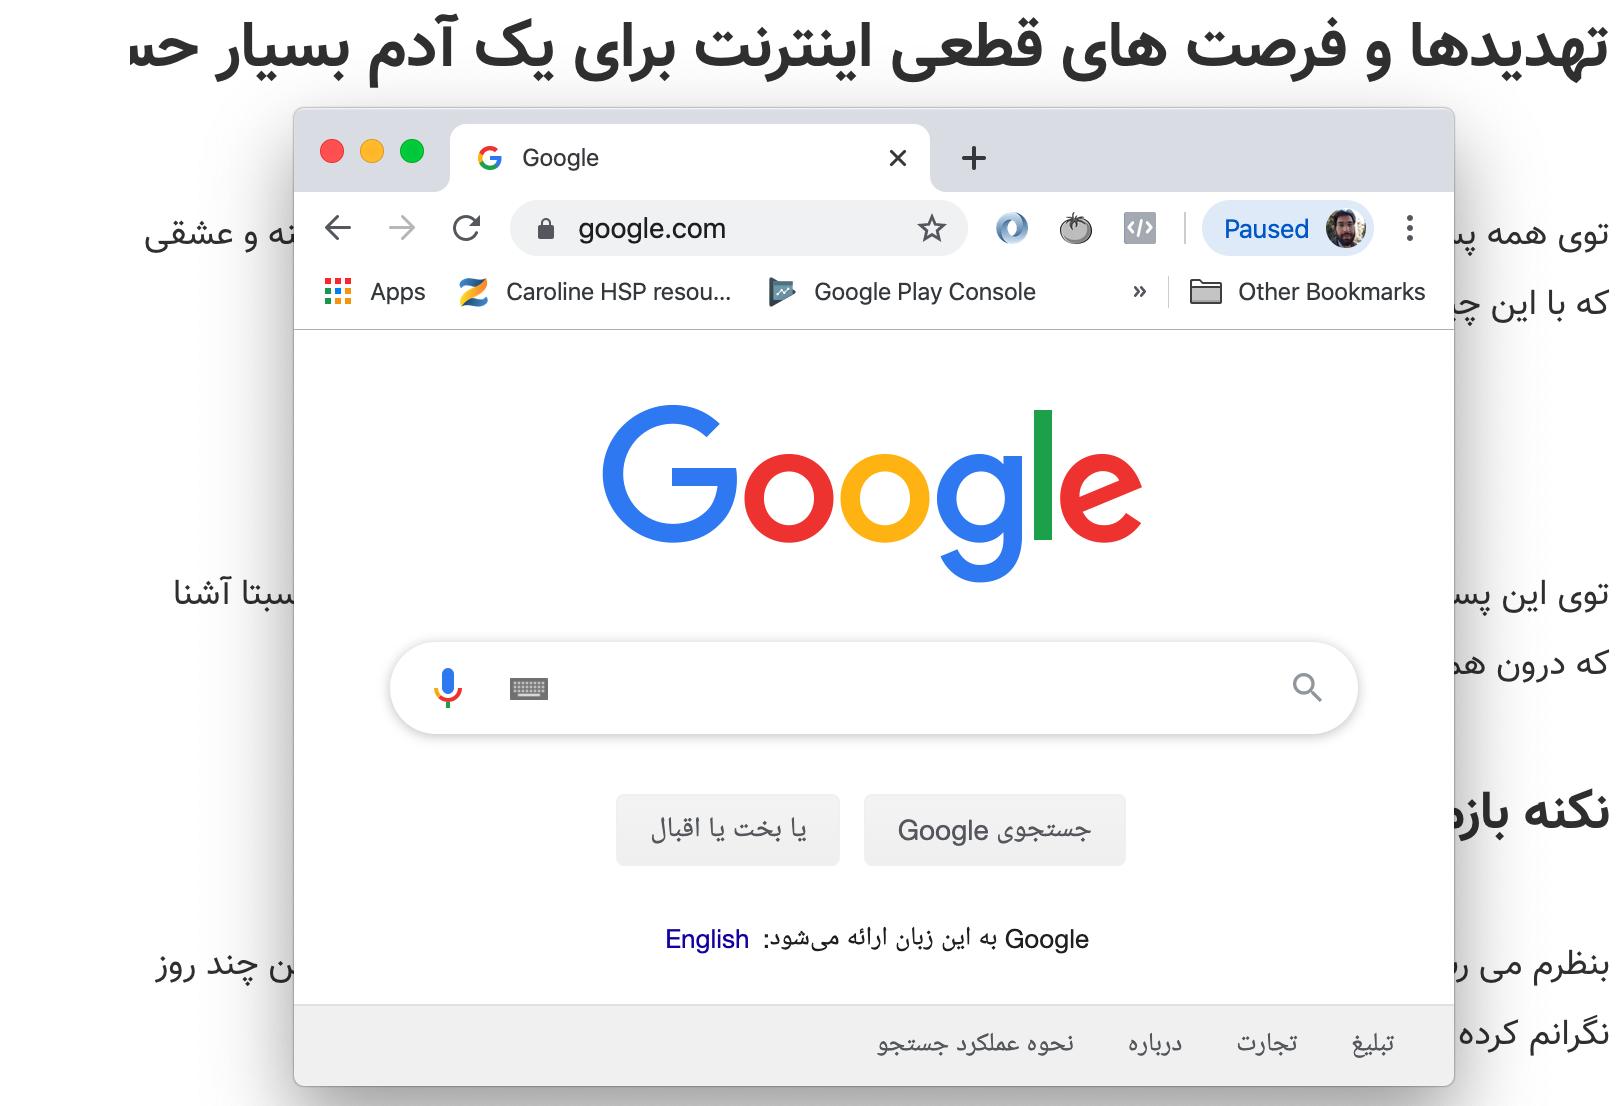 تهدیدها و فرصت های قطعی اینترنت برای یک آدم بسیار حساس + راه دسترسی به گوگل